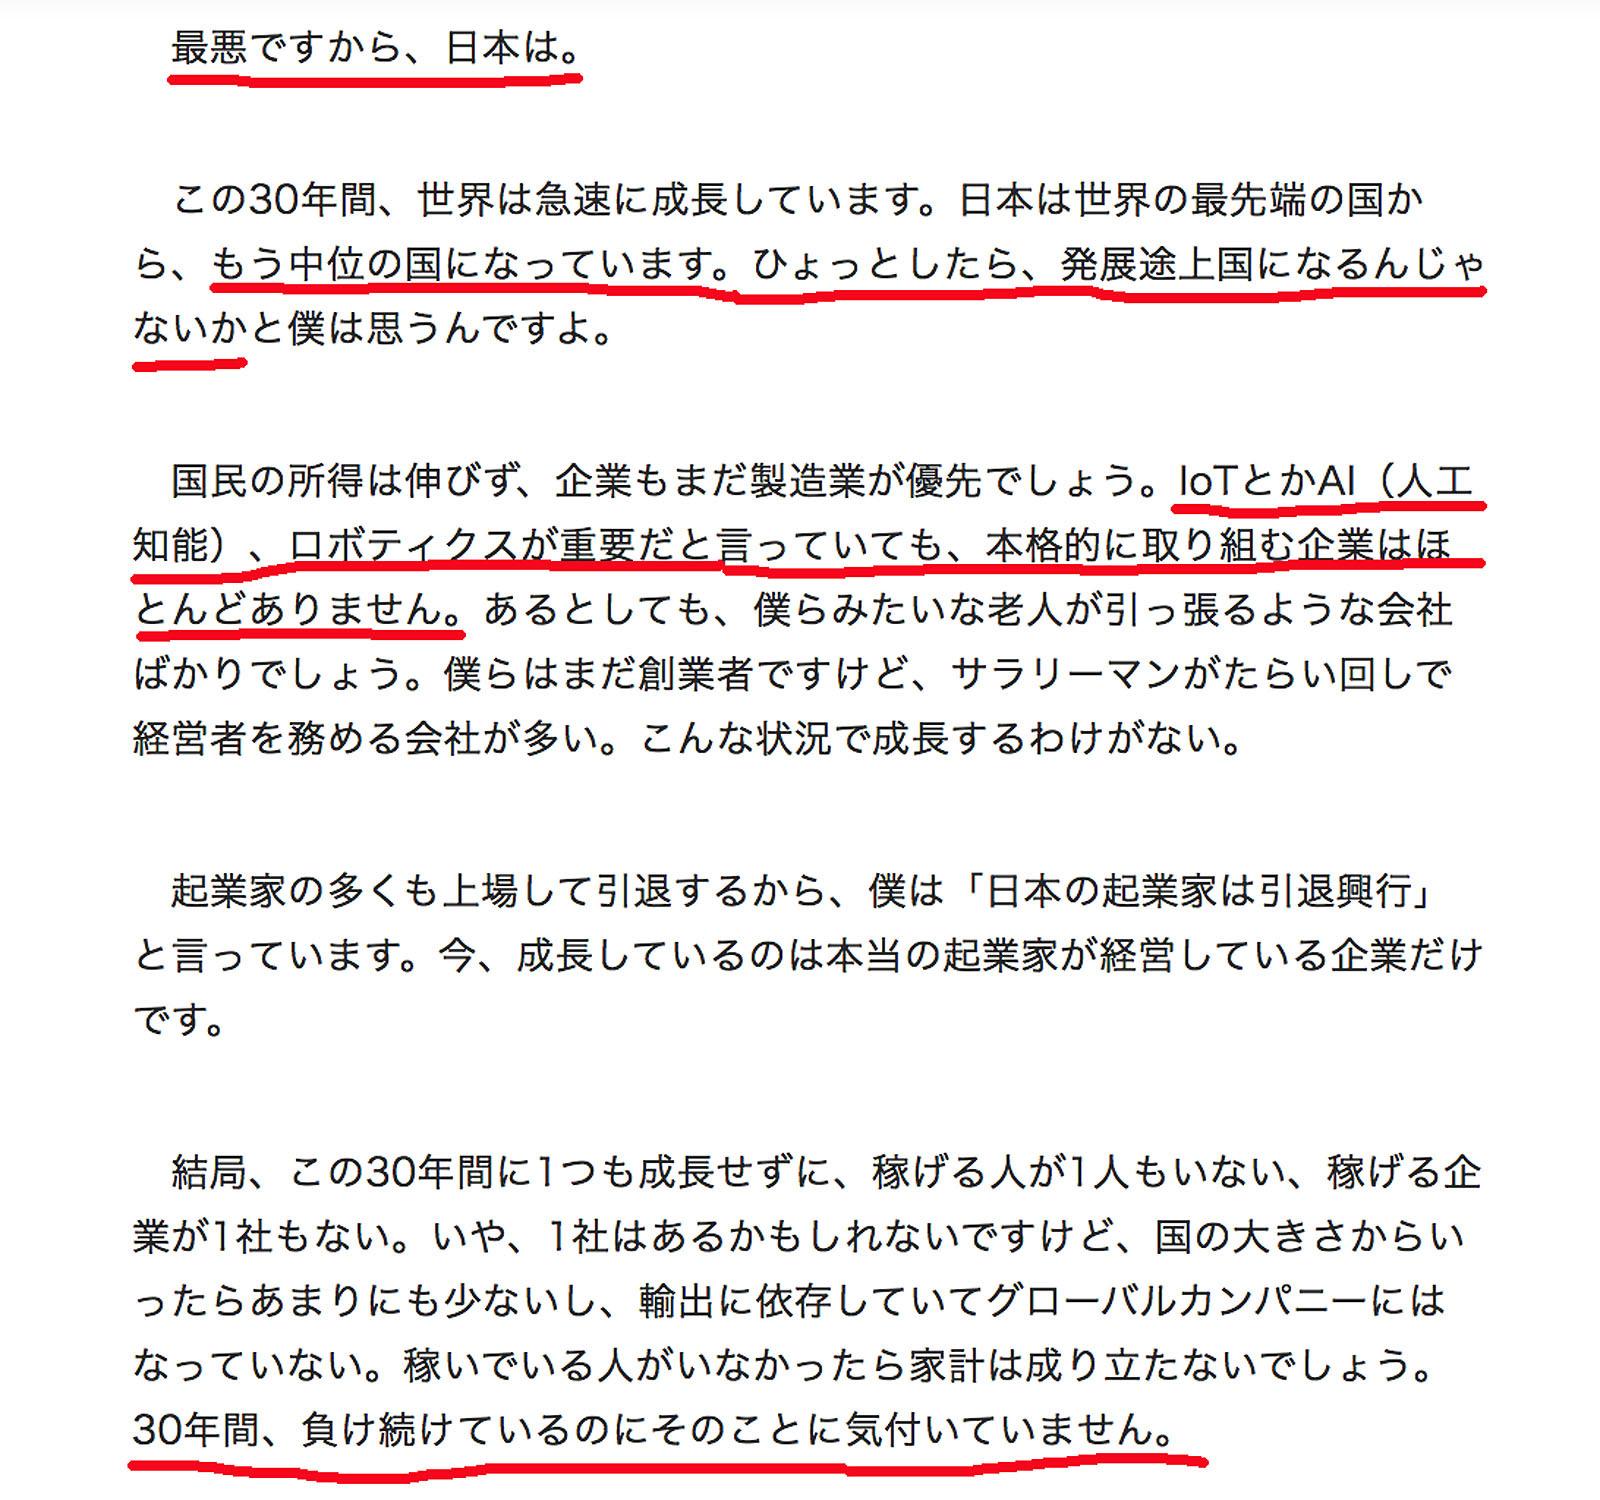 「このままでは日本は滅びる」というのは本当か? Facebookへの投稿から(91)_e0367501_10344650.jpg